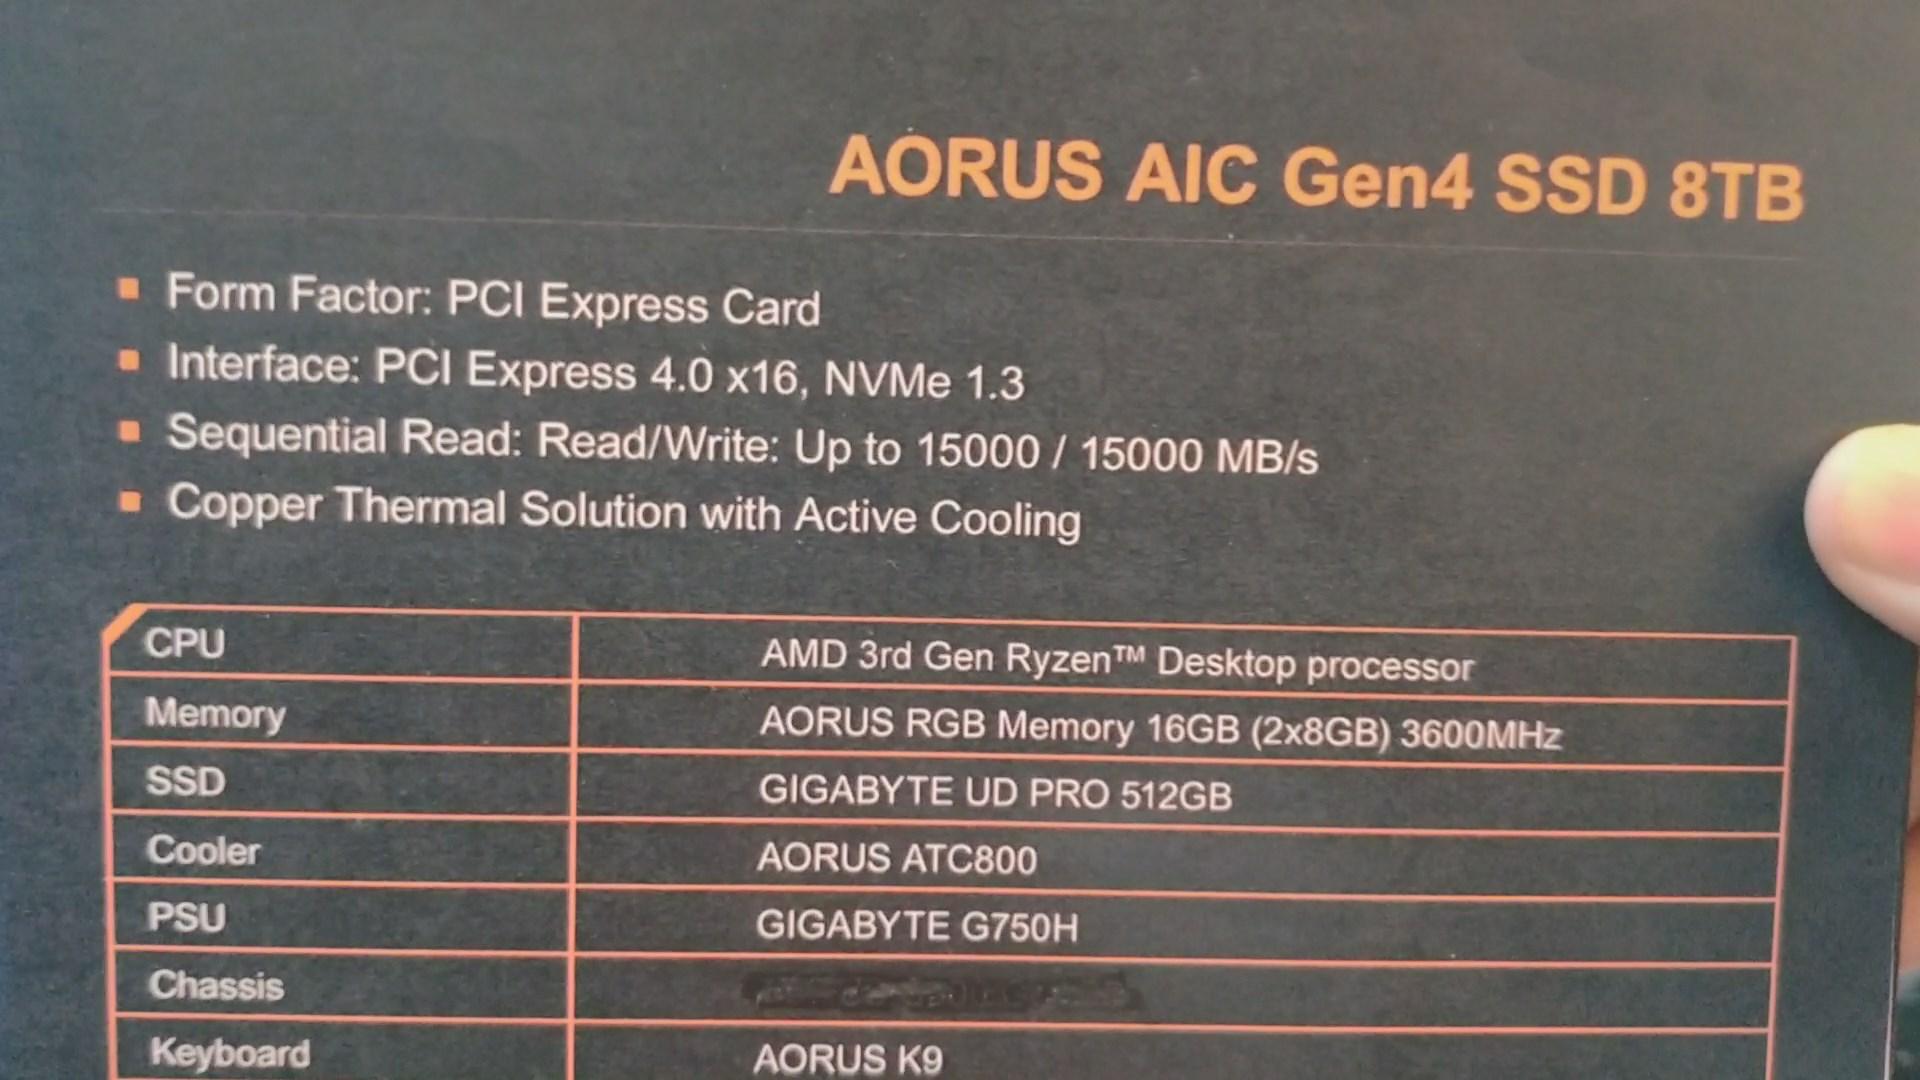 AORUS AIC Gen4 SSD 8TB at Computex 2019 2